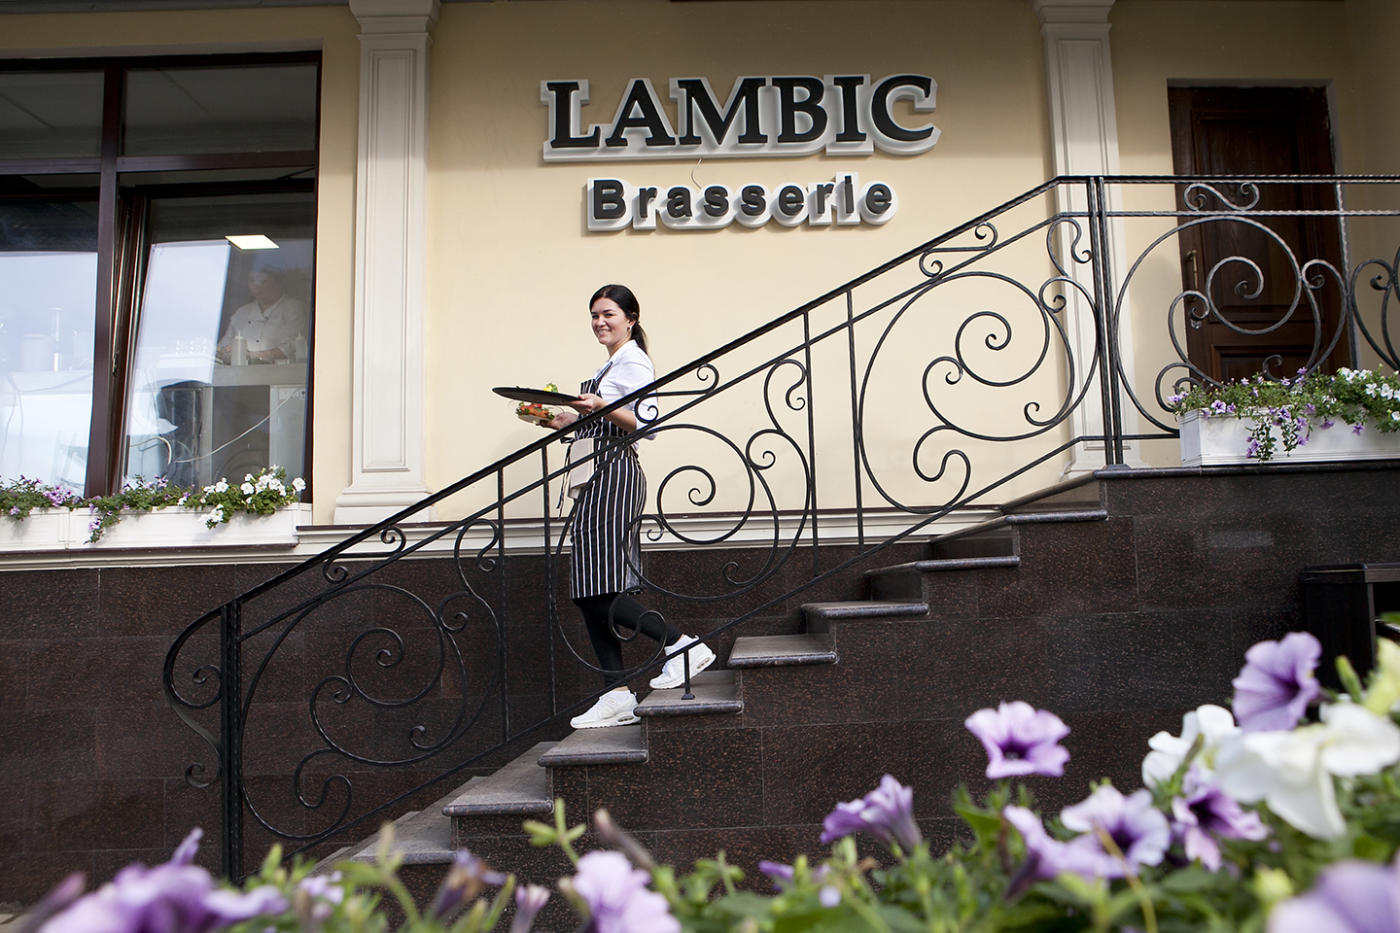 Бельгийский Ресторан Ламбик на Парк Победы (Брассерия Lambic) фото 31